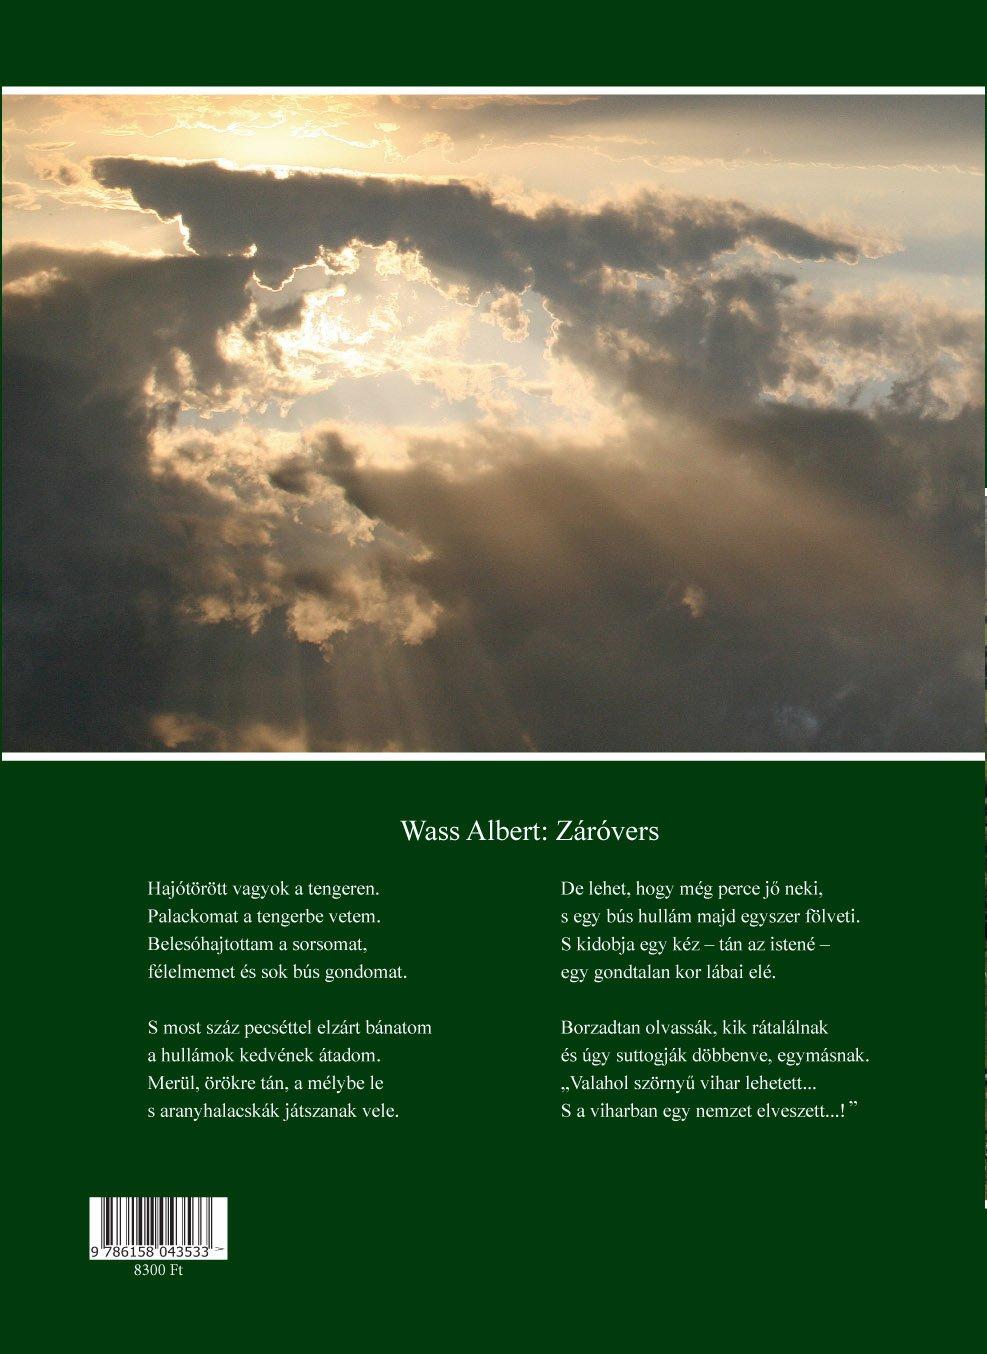 Mezőség – A Holt-tenger tükrében